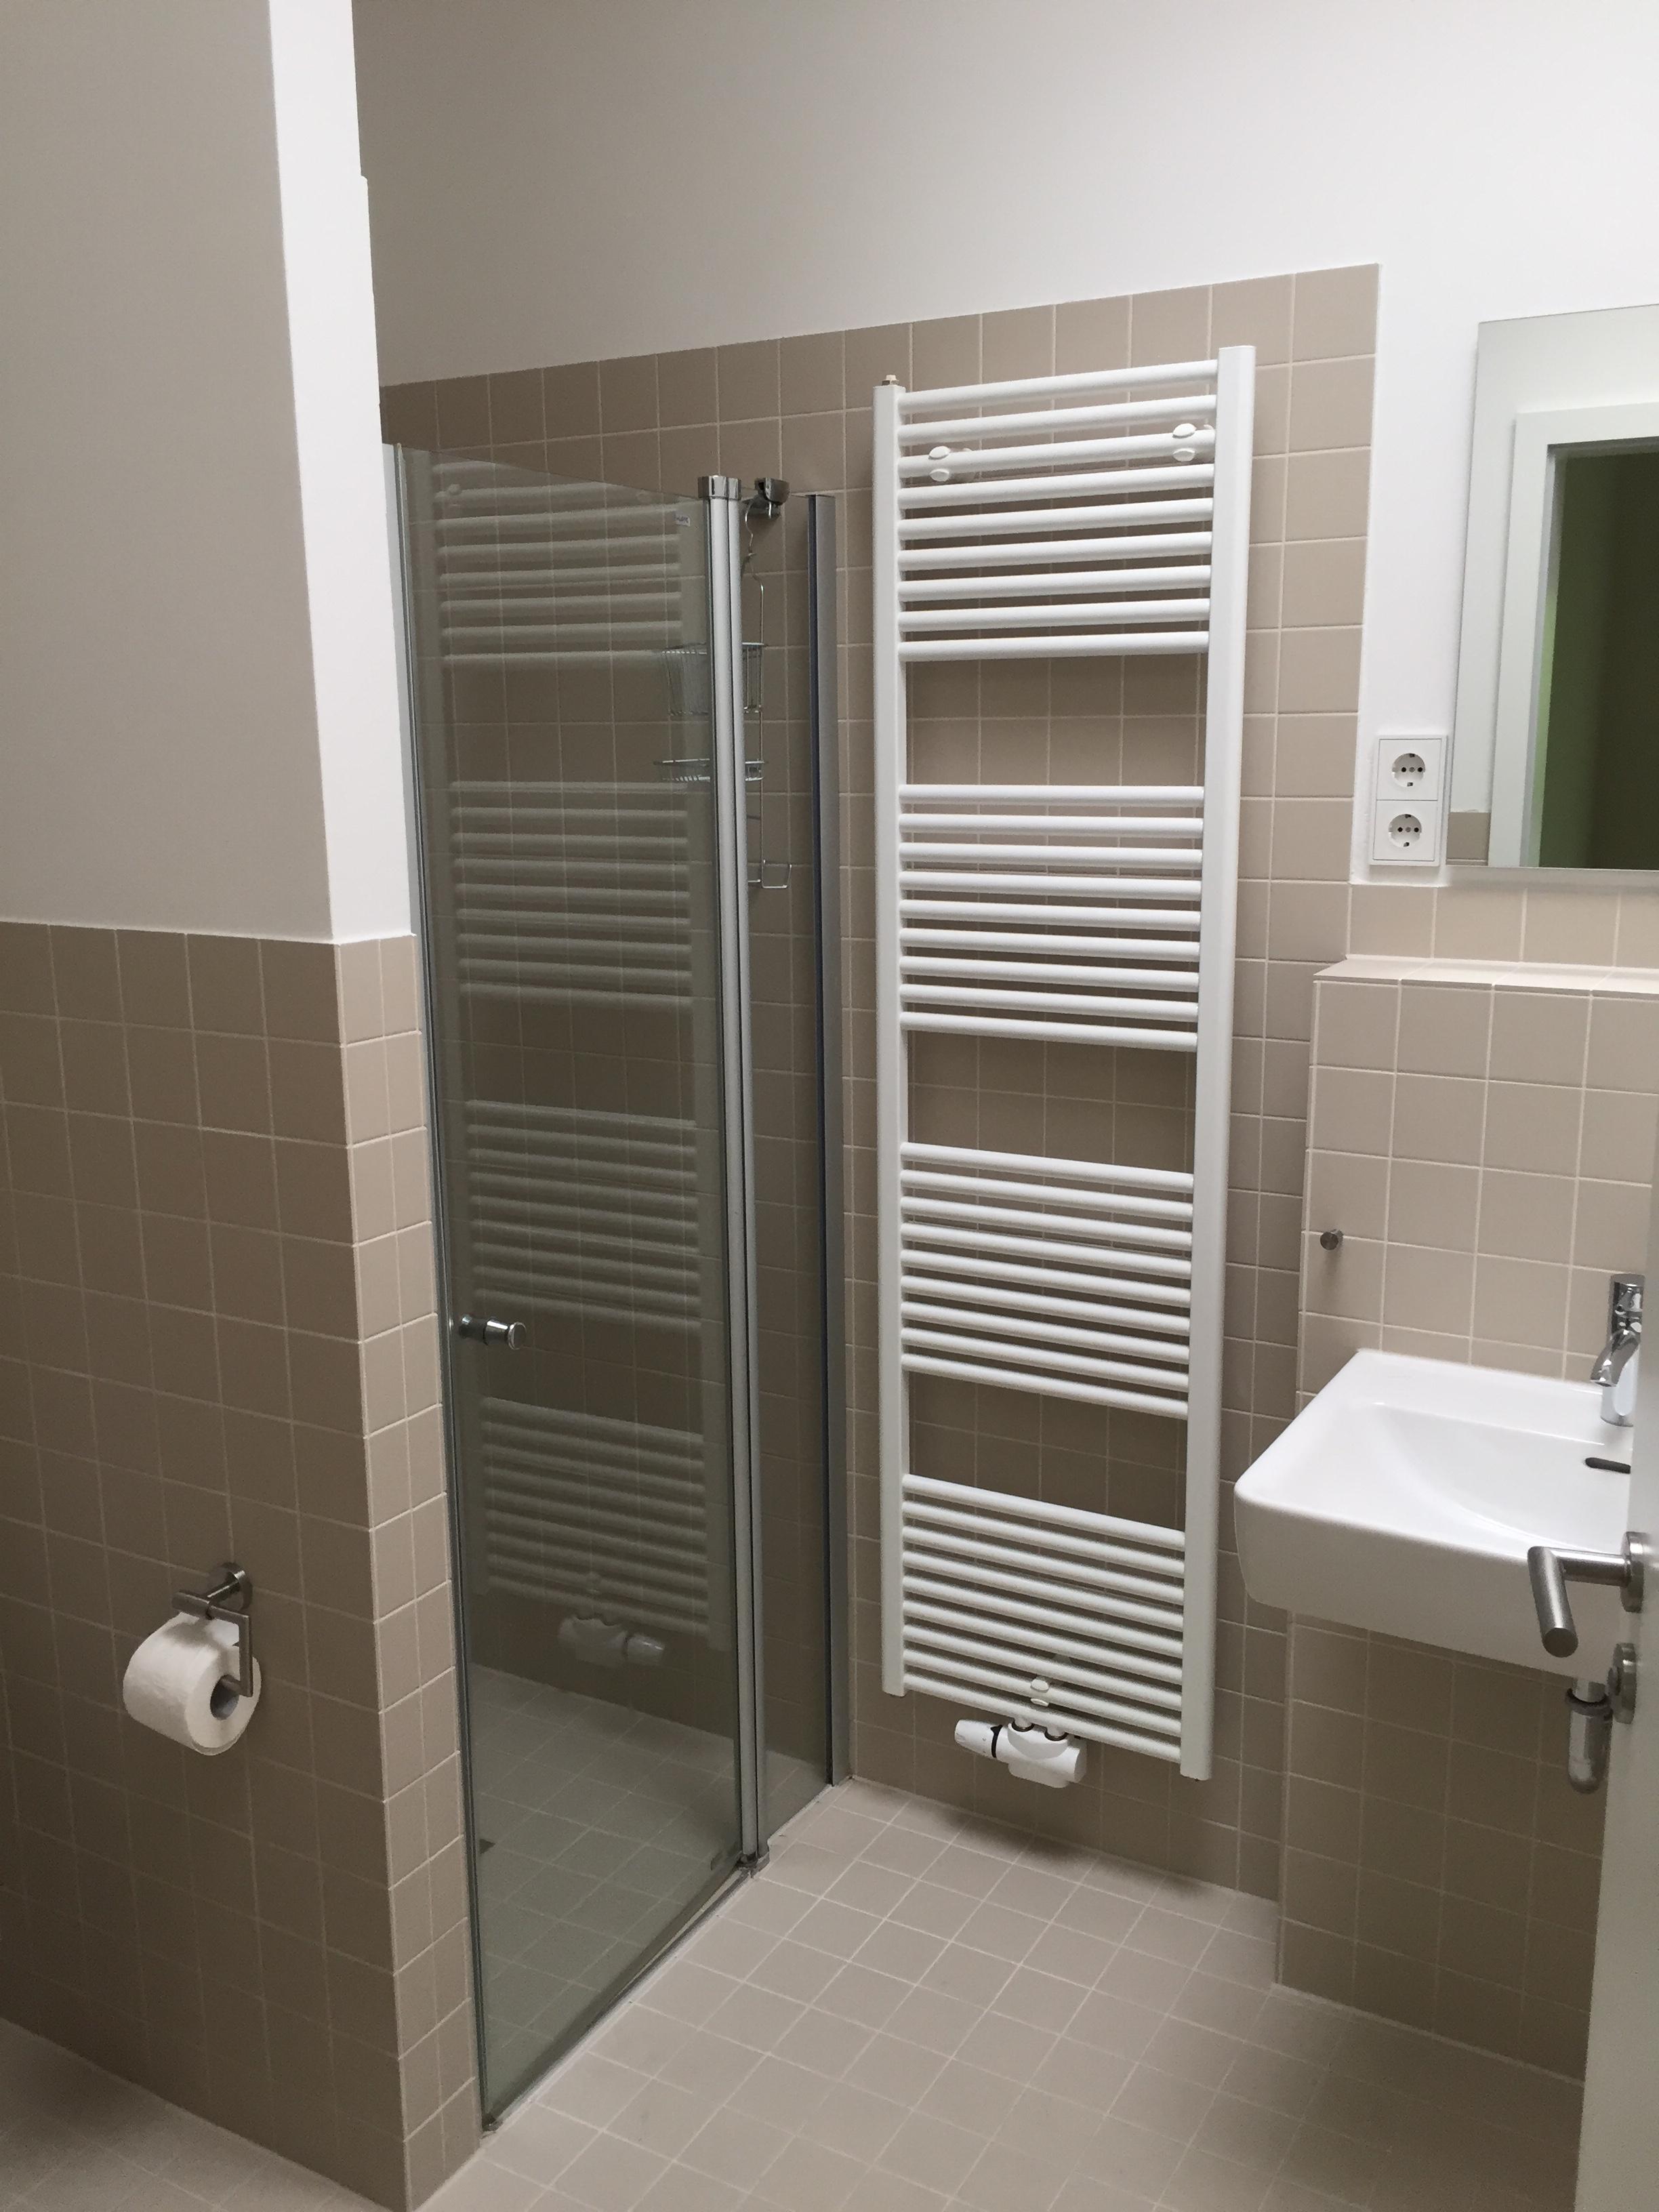 Robot Fenster Bad Zwischenahn : ZimmerWohnung in Oldenburg  L&S Immobilien Bad Zwischenahn